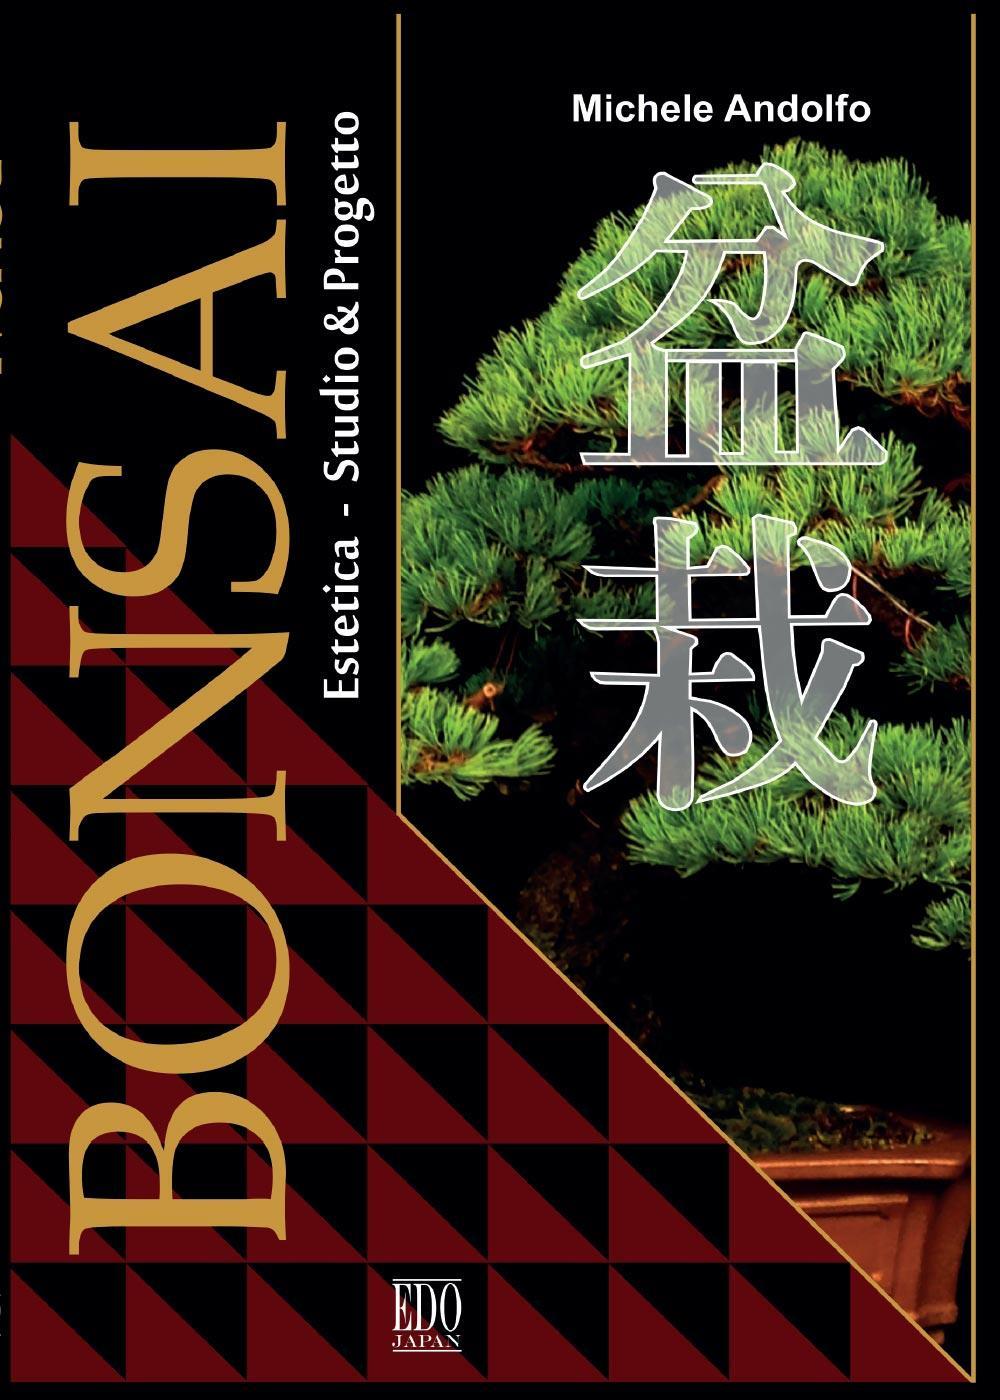 BONSAI estetica studio & progetto